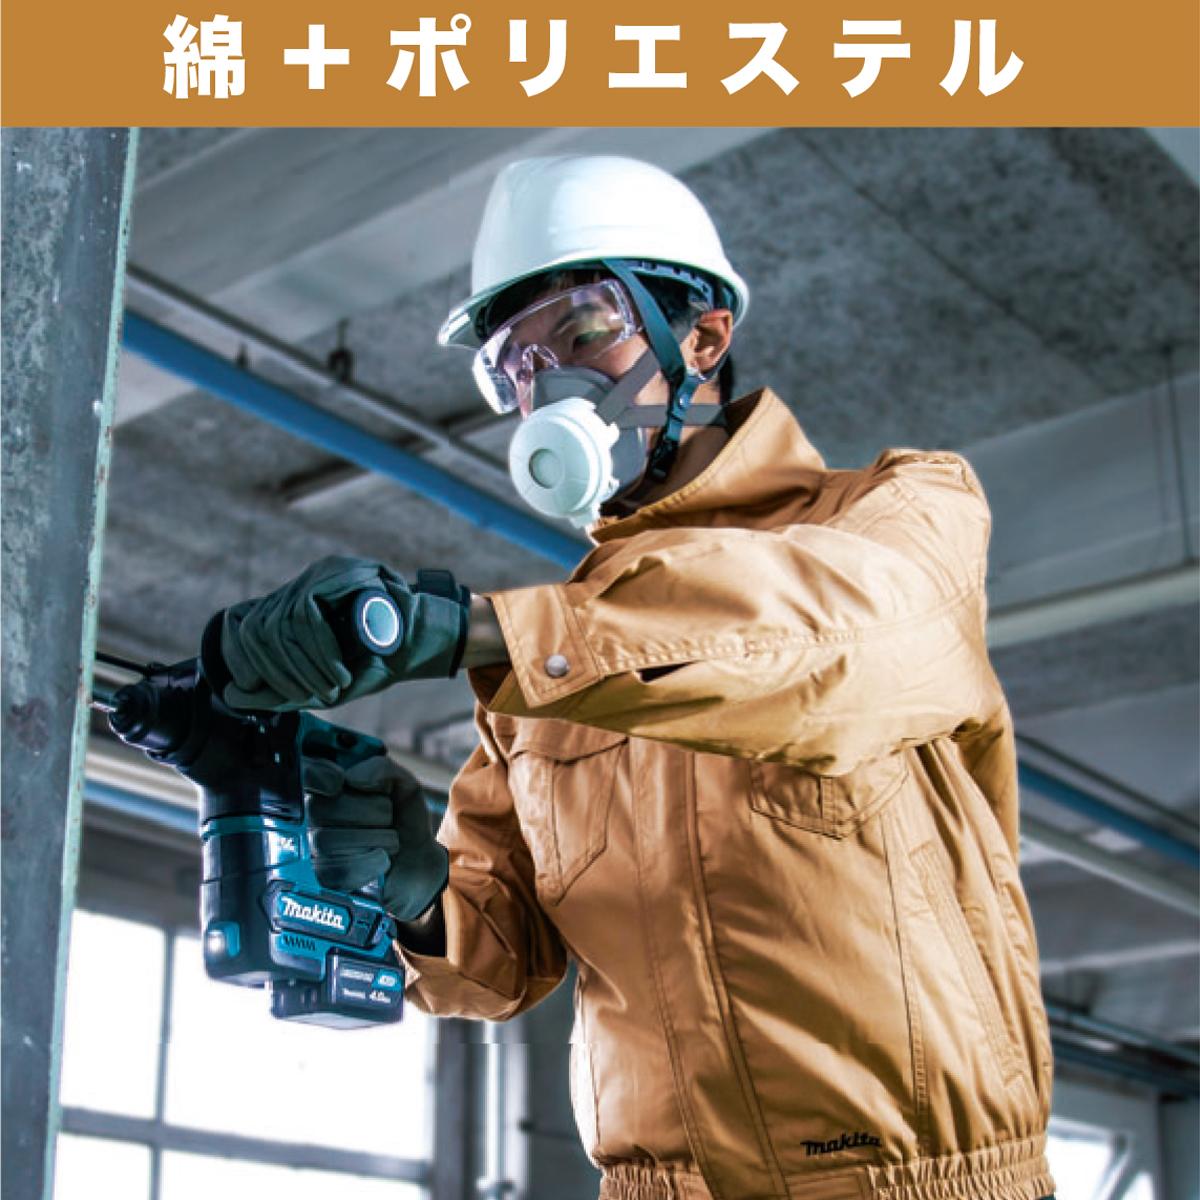 マキタ(Makita) 充電式ファンジャケット 服とファンと14.4V/18V用バッテリホルダ 綿+ポリエステル 立ち襟タイプ (ファンジャケットx1枚、黒ファンx1台、バッテリホルダ-GM00001489x1台) FJ500DZ